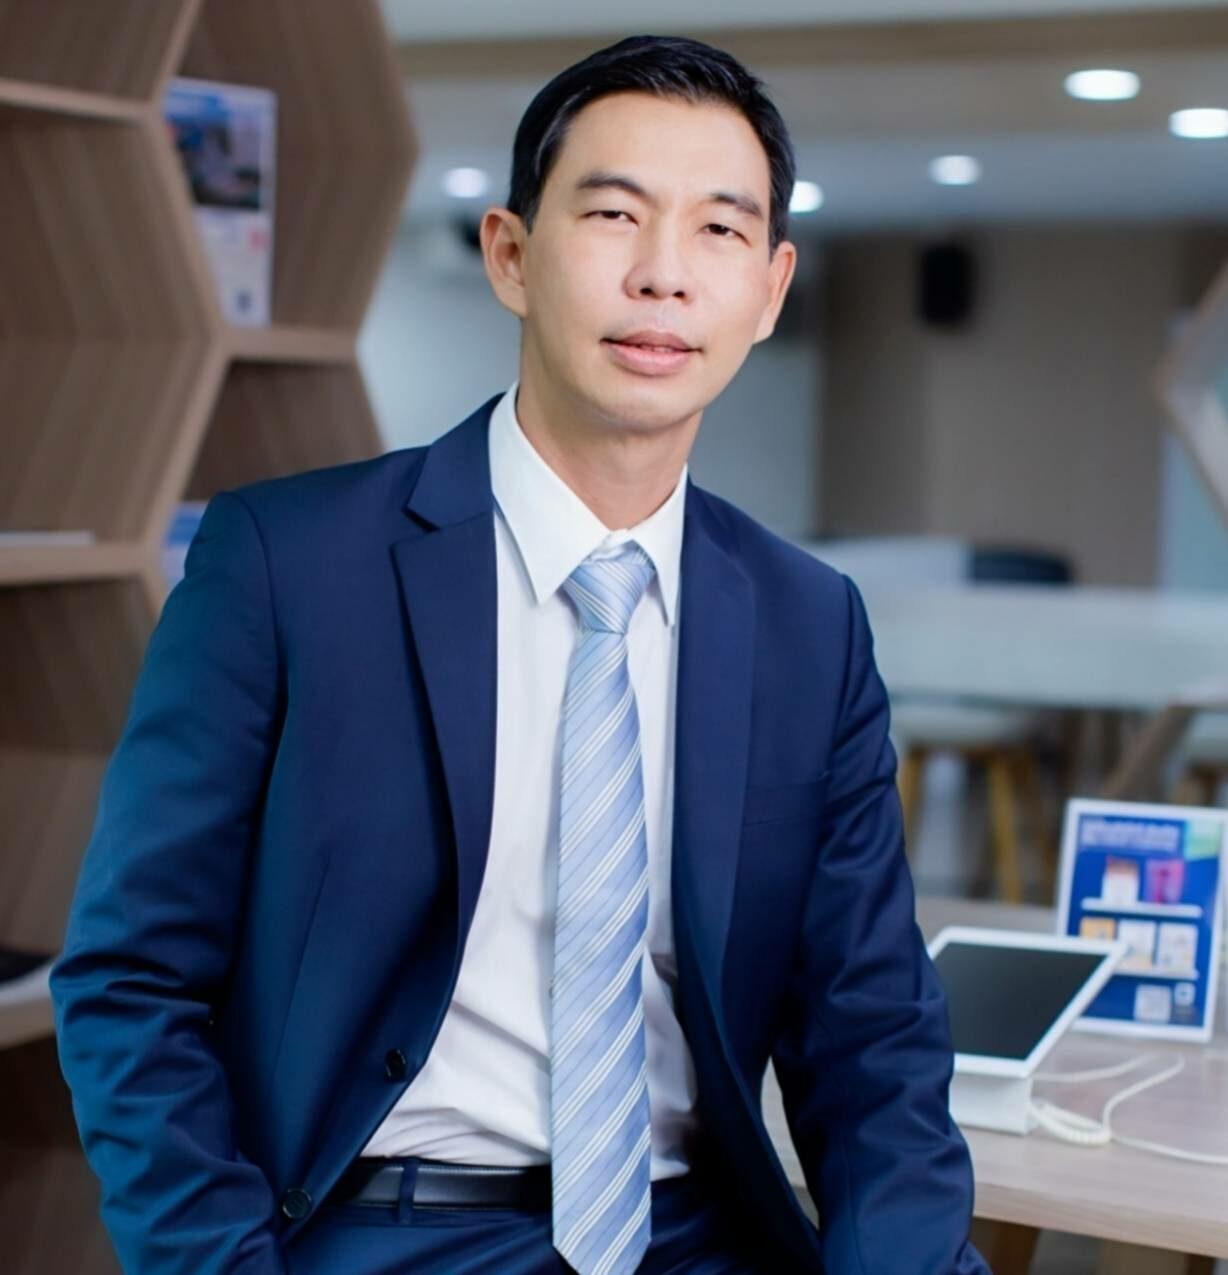 """""""วีริศ"""" เผยนักลงทุนญี่ปุ่นสนใจพาร์ทเนอร์ไทยผลิตชิ้นส่วนในนิคมฯ ป้อนรง.สู้โควิด"""